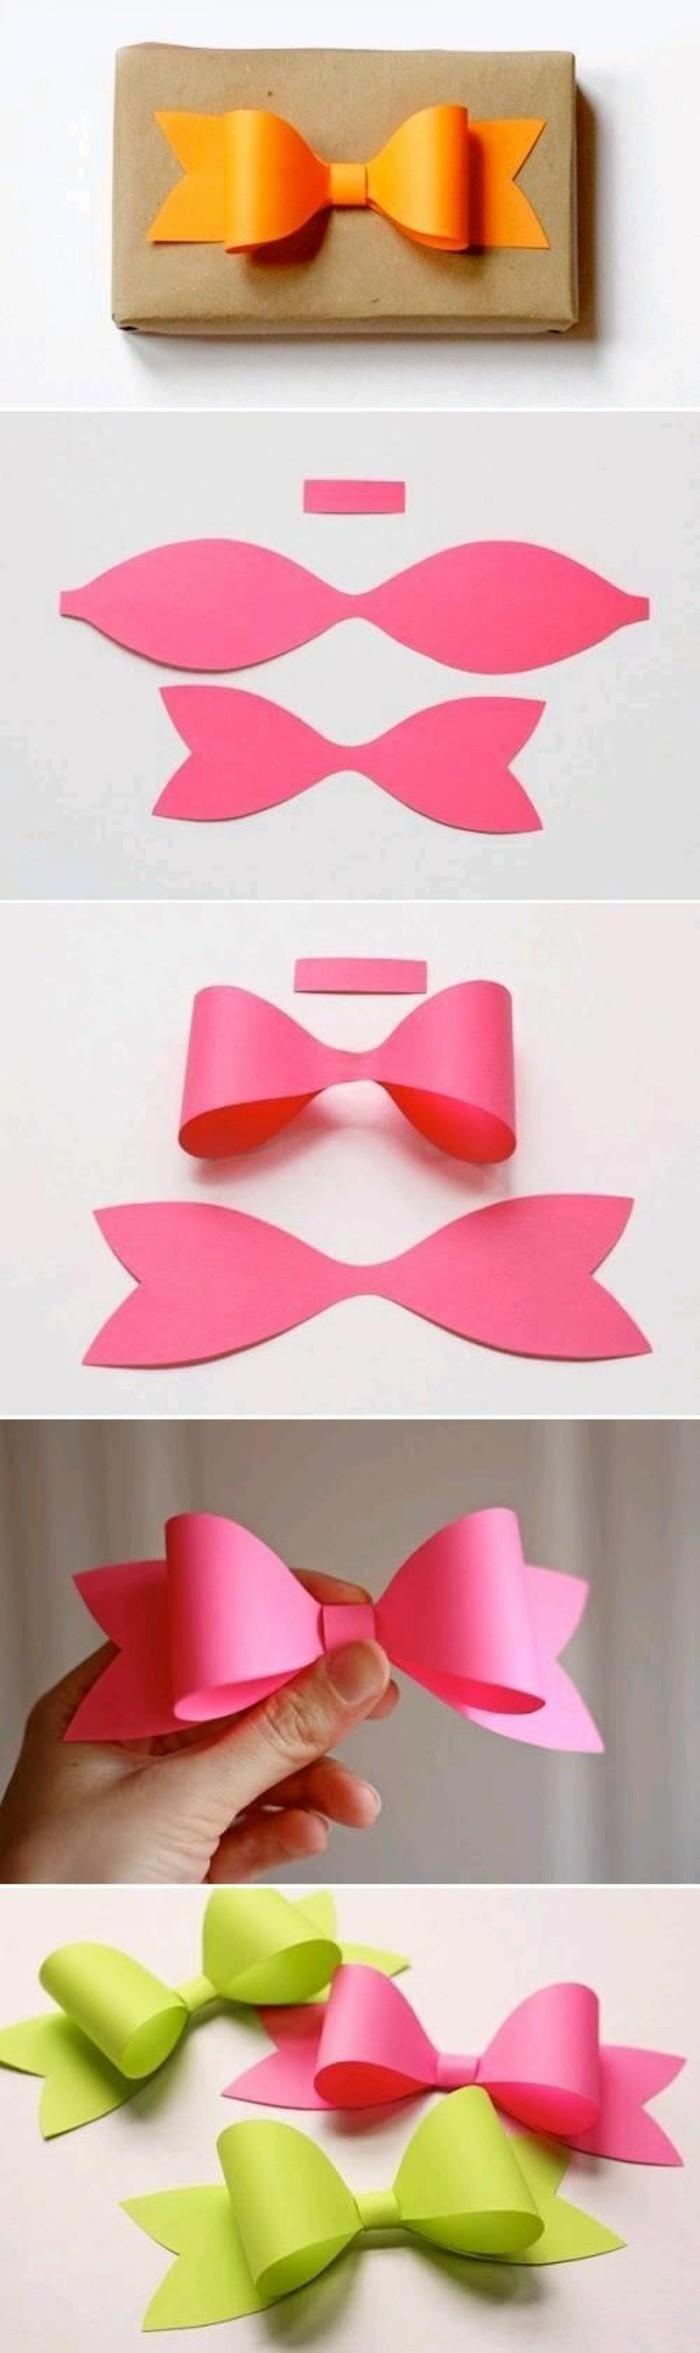 Tutorial per fare un fiocco, cartoncini colorati, fiocco per regali